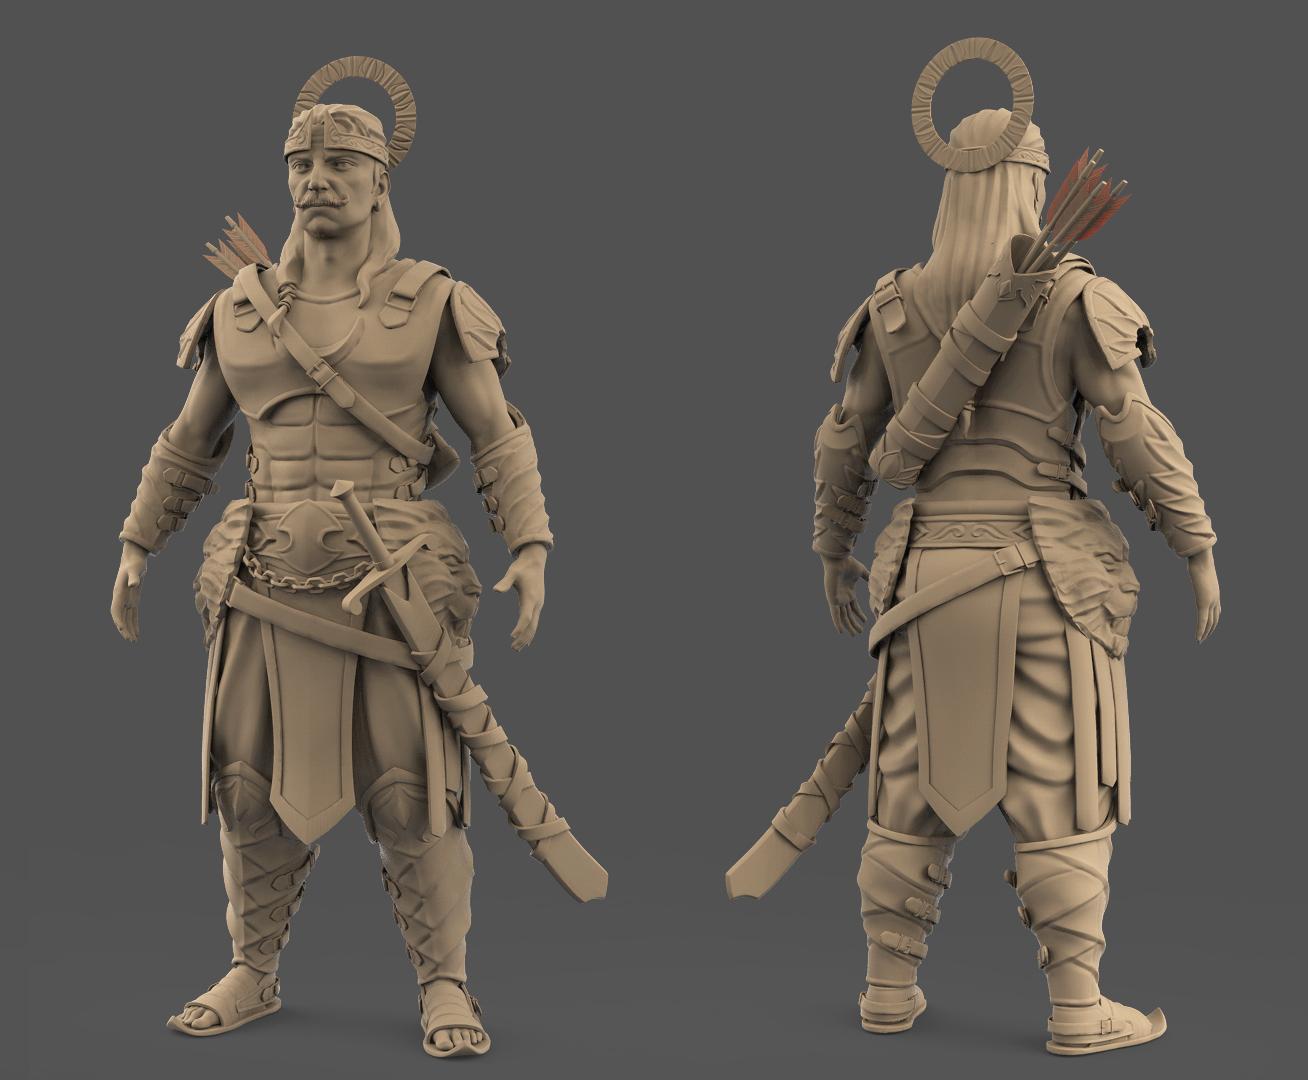 Indian Mythology Character